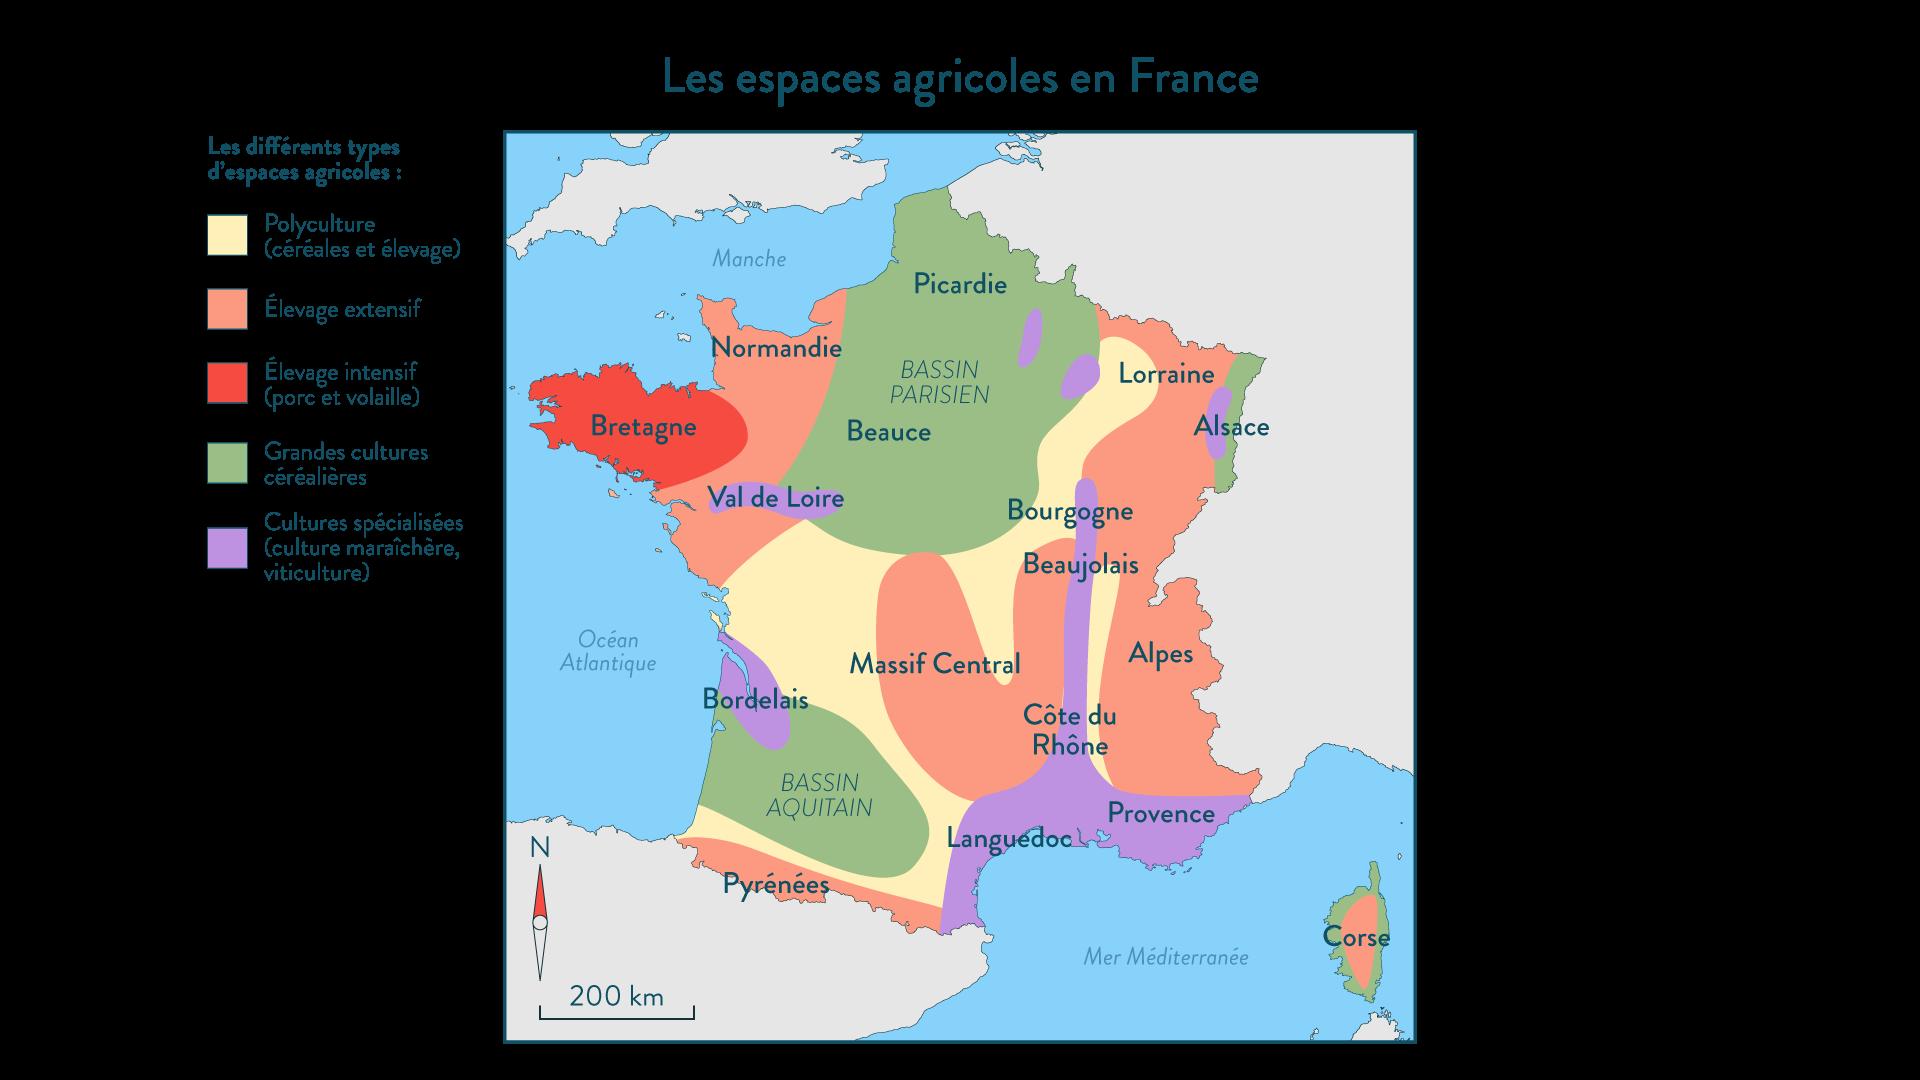 Les espaces agricoles en France